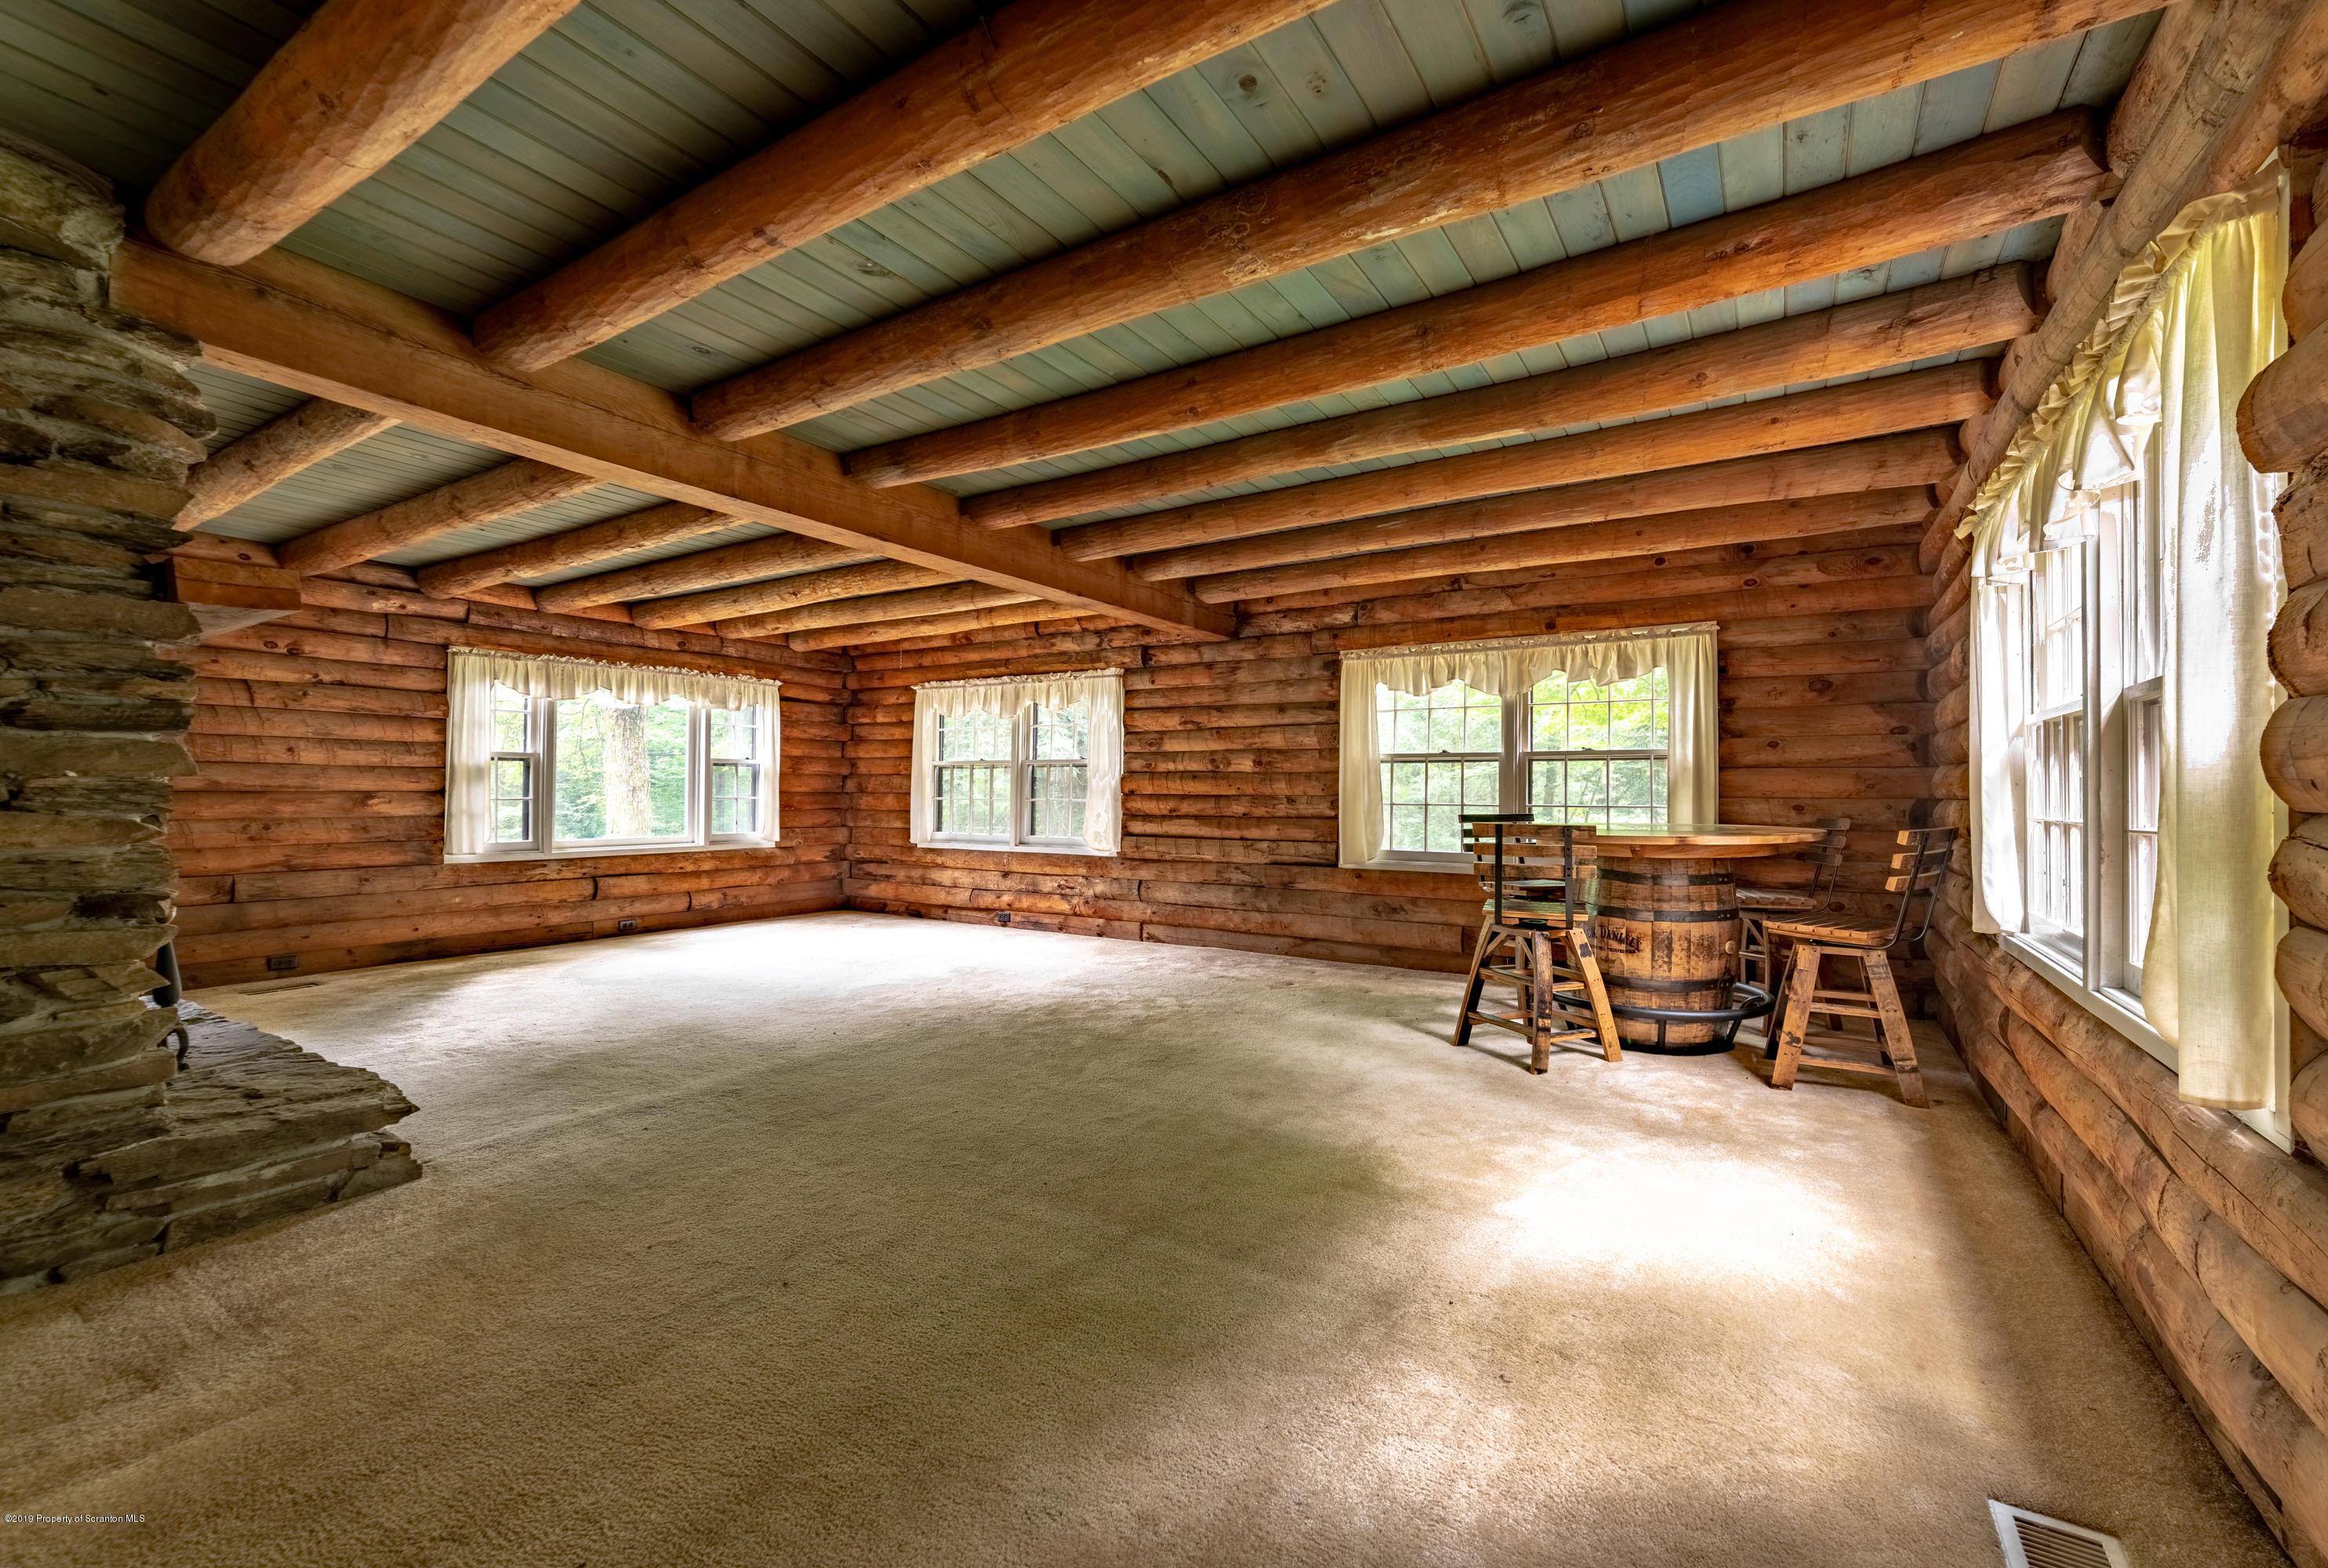 185 Marshbrook Rd, Fleetville, Pennsylvania 18420, 4 Bedrooms Bedrooms, 8 Rooms Rooms,3 BathroomsBathrooms,Single Family,For Sale,Marshbrook,19-68